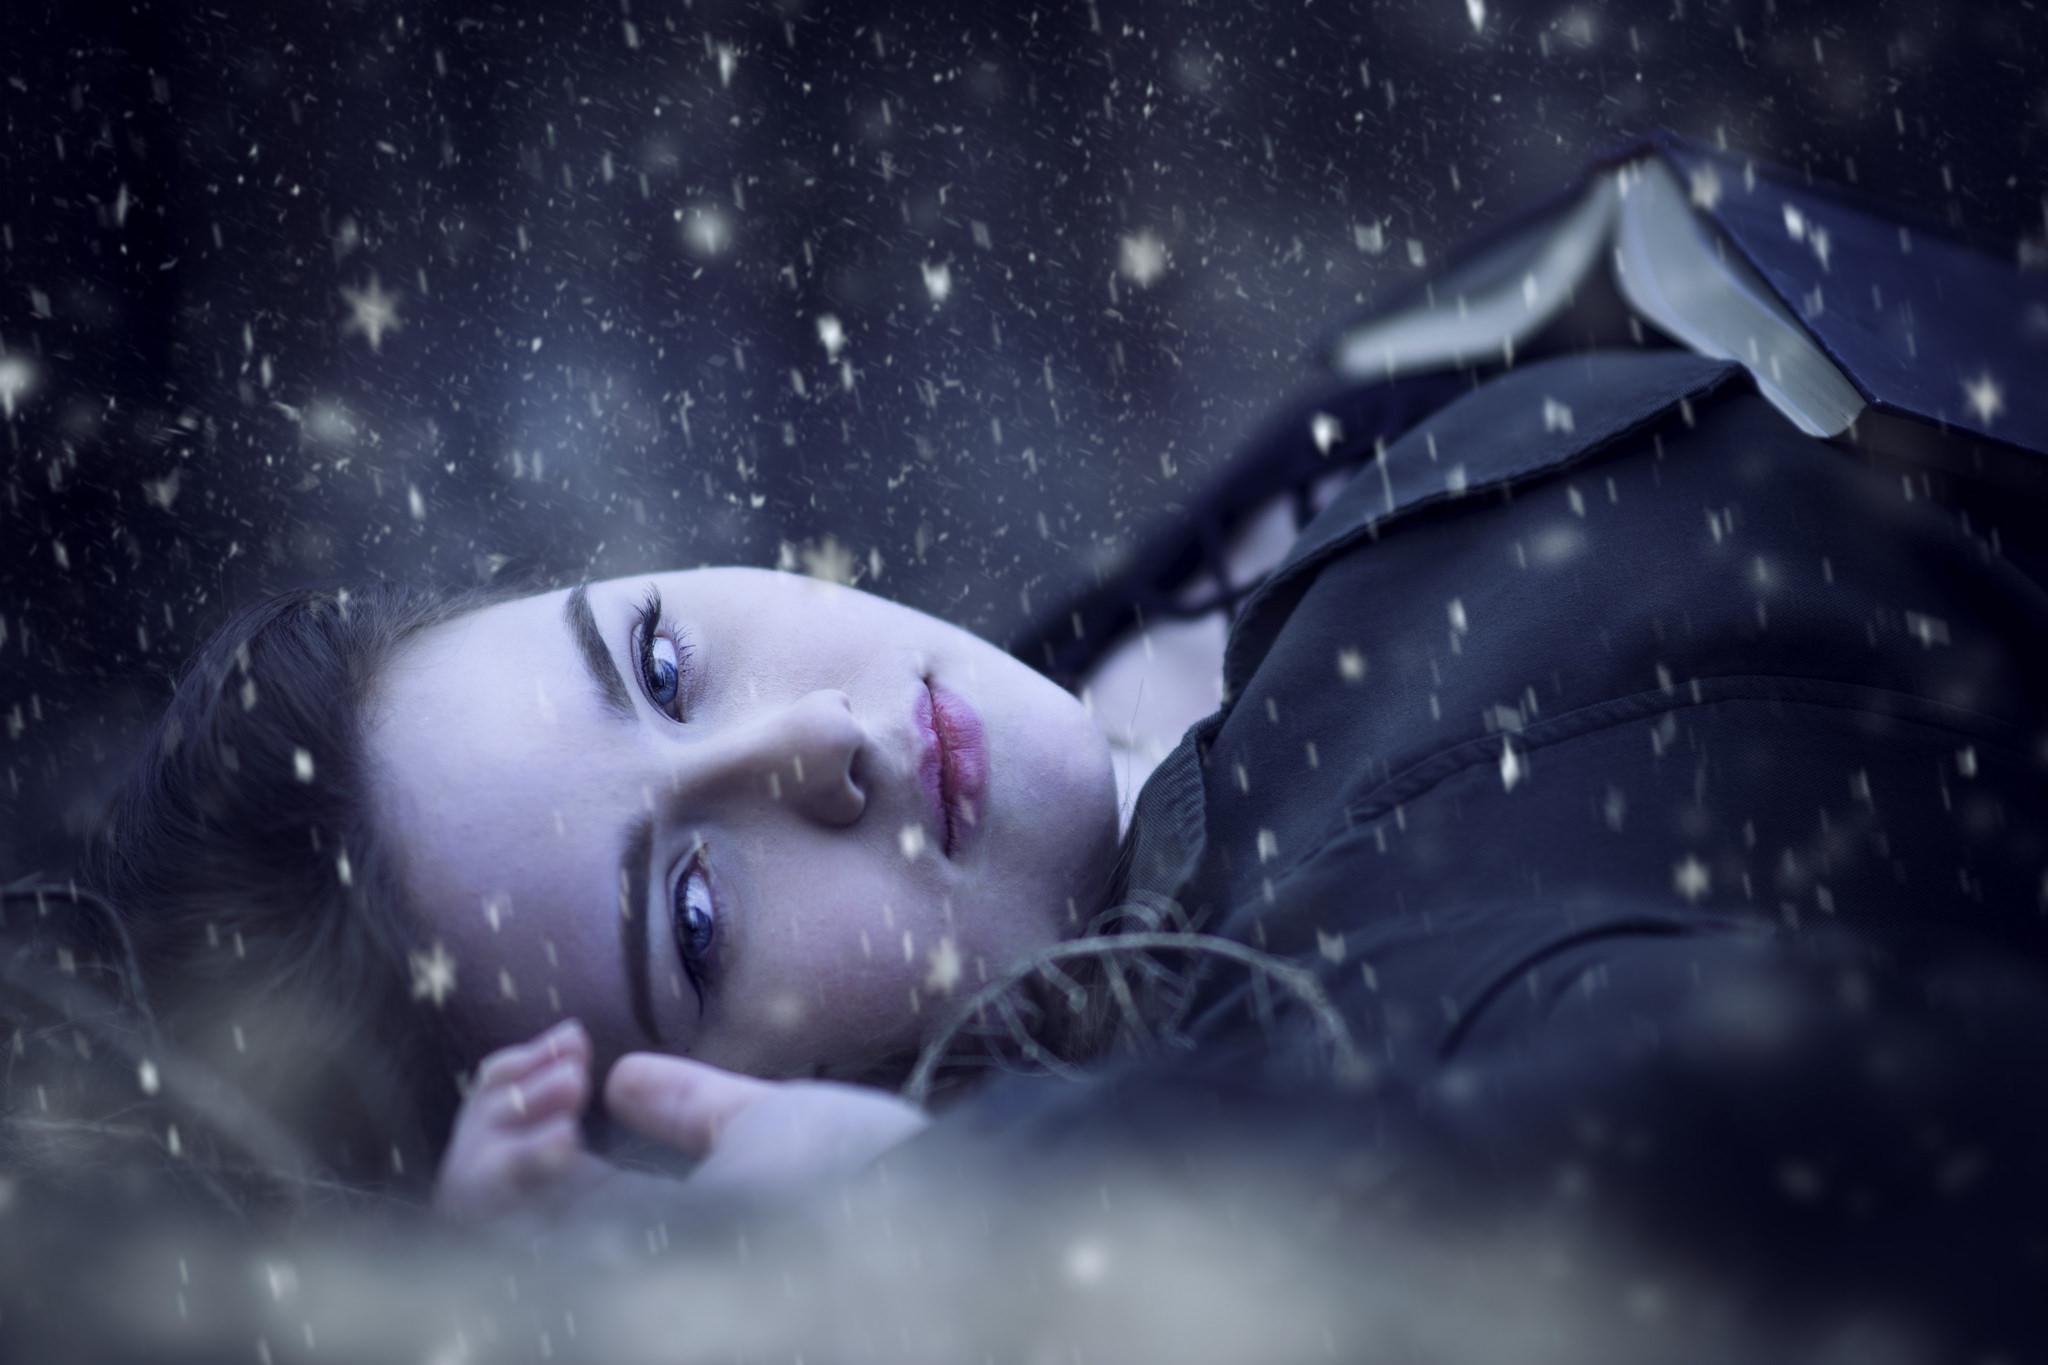 Retrato bajo la nieve - 2048x1365